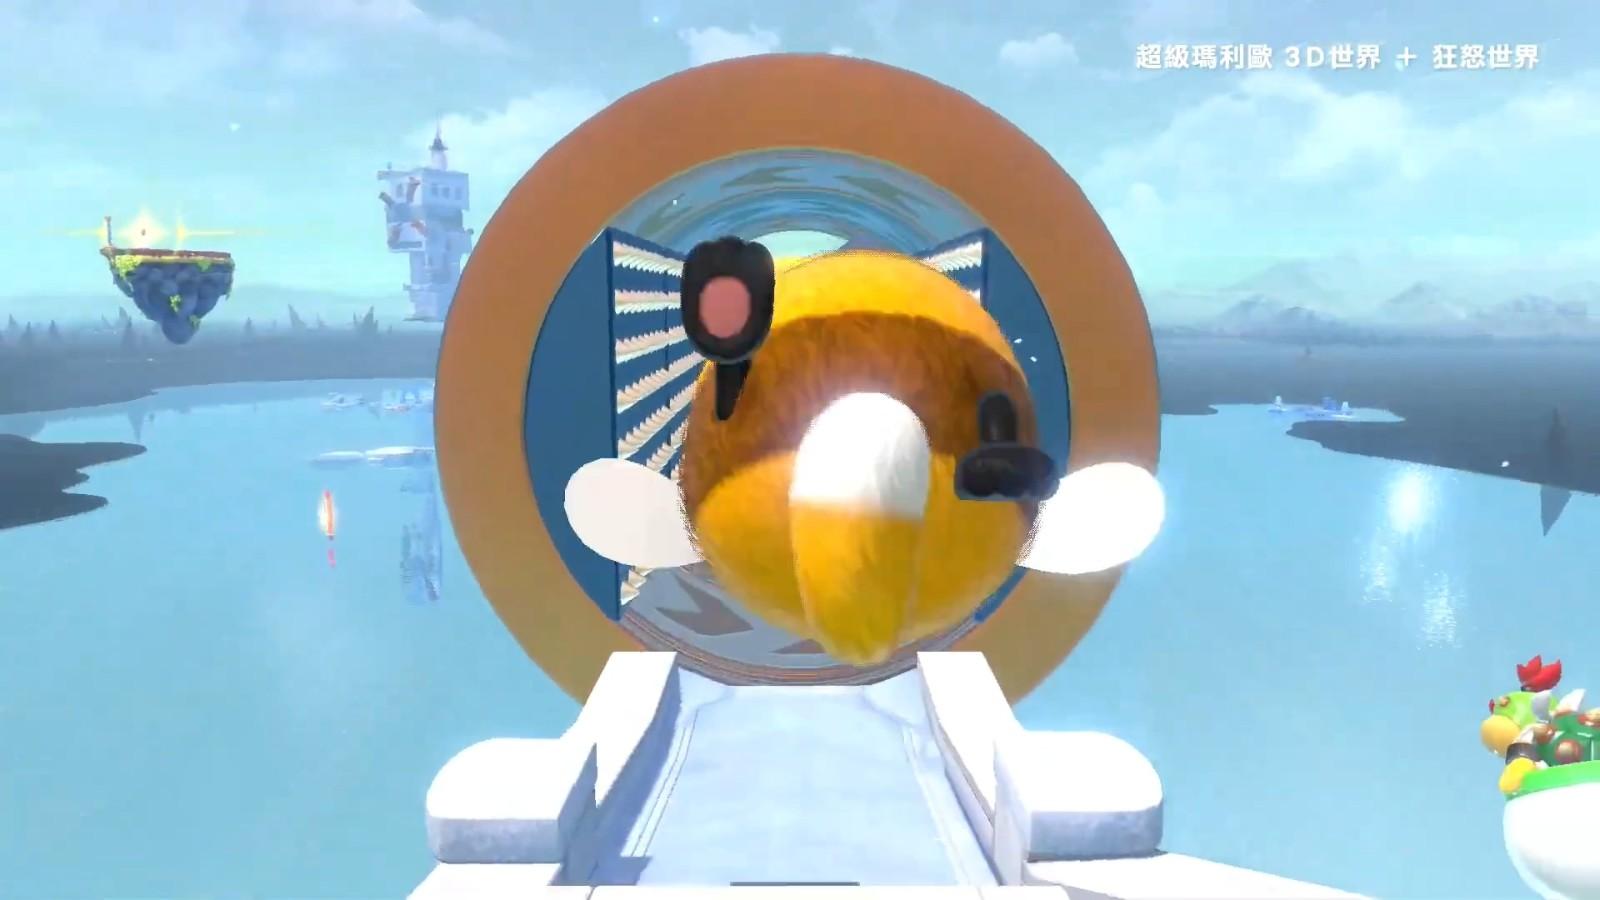 《超级马力欧3D世界 + 狂怒世界》7分钟介绍影像公开